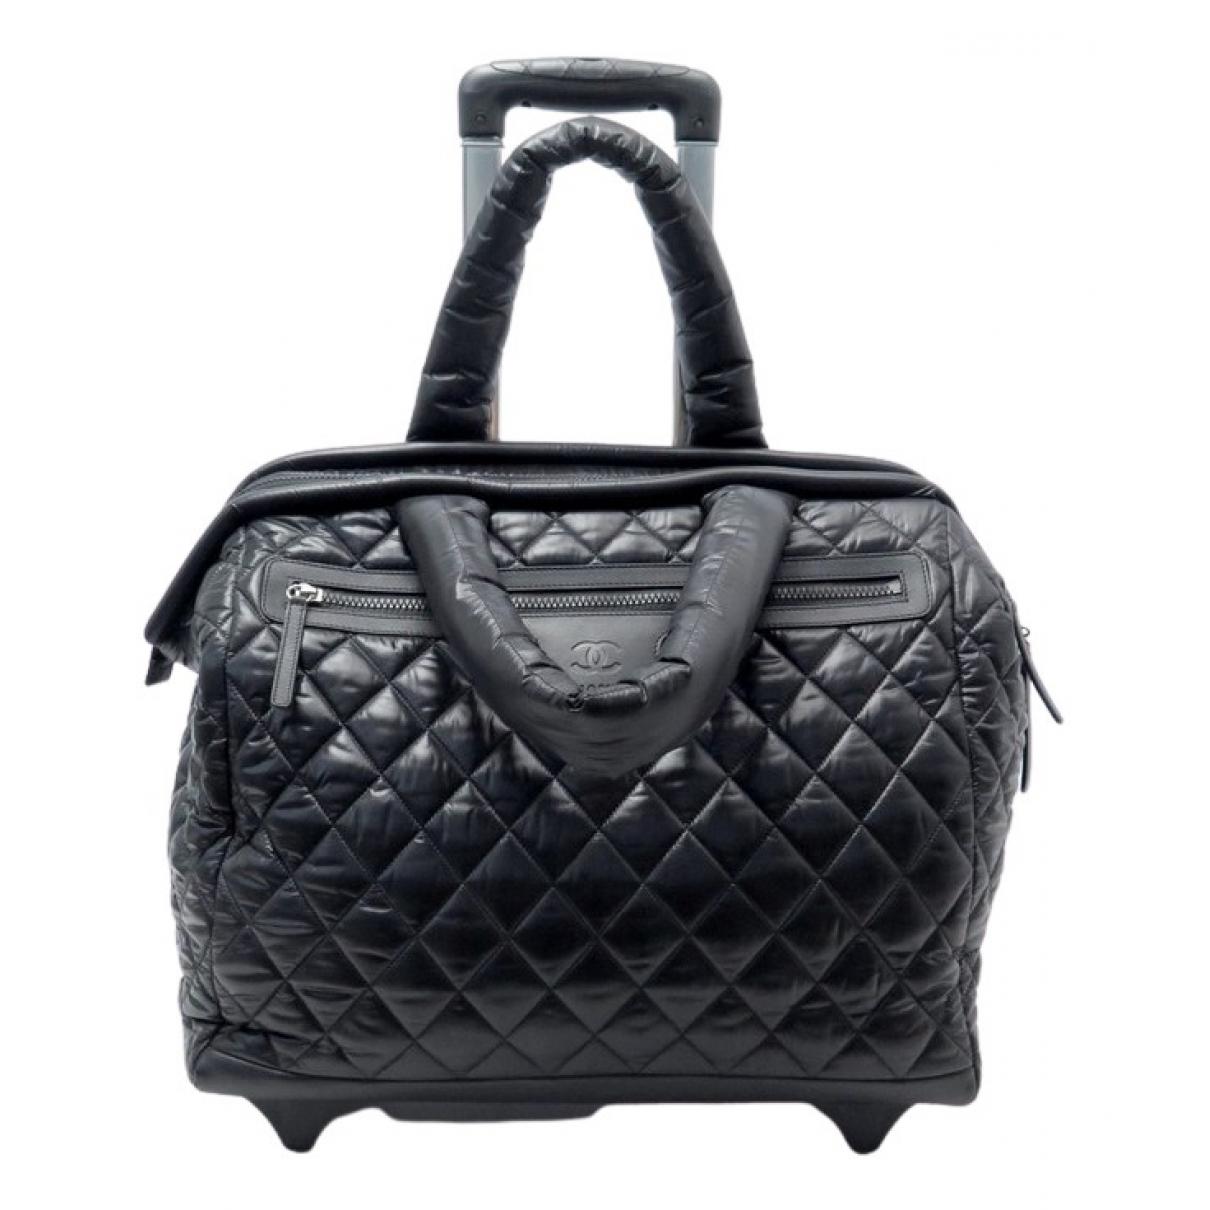 Chanel - Sac de voyage Coco Cocoon pour femme en toile - noir